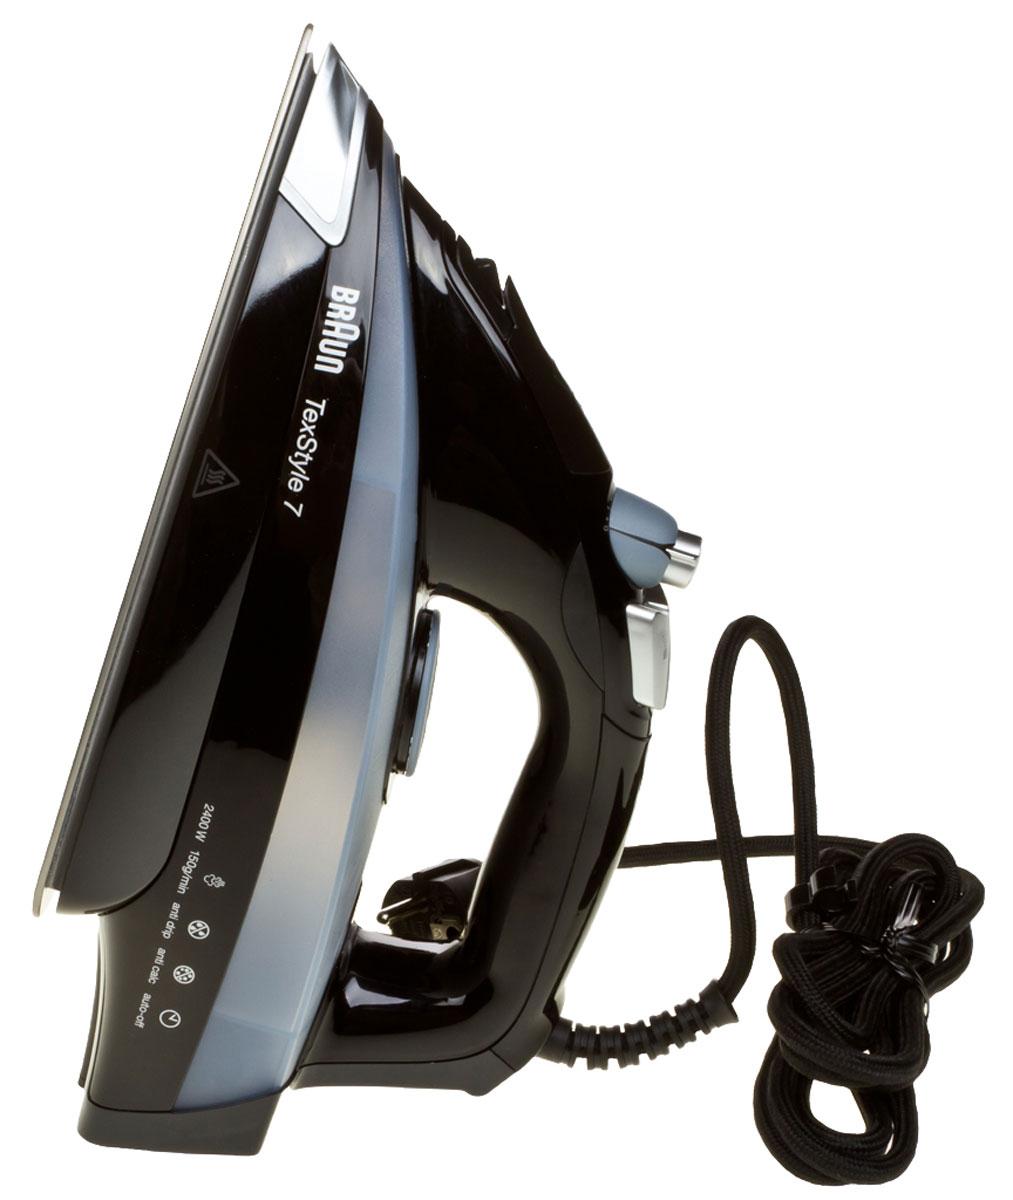 Braun TexStyle TS745A утюг0X12711022Паровой утюг Braun TexStyle TS745A обеспечивает непревзойденный результат глажения даже мелких деталей одежды. Глубоко проникающий пар разглаживает даже самые трудные участки. Высококачественная подошва в сочетании с последними технологиями и современным дизайном гарантирует максимально простое использование утюга и безупречный результат. Уникальная подошва Eloxal устойчива к царапинам, в 2 раза прочнее нержавеющей стали. Обеспечивает идеальное скольжение на всех видах тканей и гарантирует максимально простое использование утюга, а также безупречный результат. Обычно, разглаживание больше 60% складок происходит при помощи носика утюга, но обычные утюги имеют минимальное количество пара в этой области. Уникальная форма паровых отверстий утюгов Braun TexStyle TS745A позволяет выпускать пар ближе к носику – именно там, где он нужен, обеспечивая тем самым более качественный результат глажения в труднодоступных местах. Авто-отключение спустя...